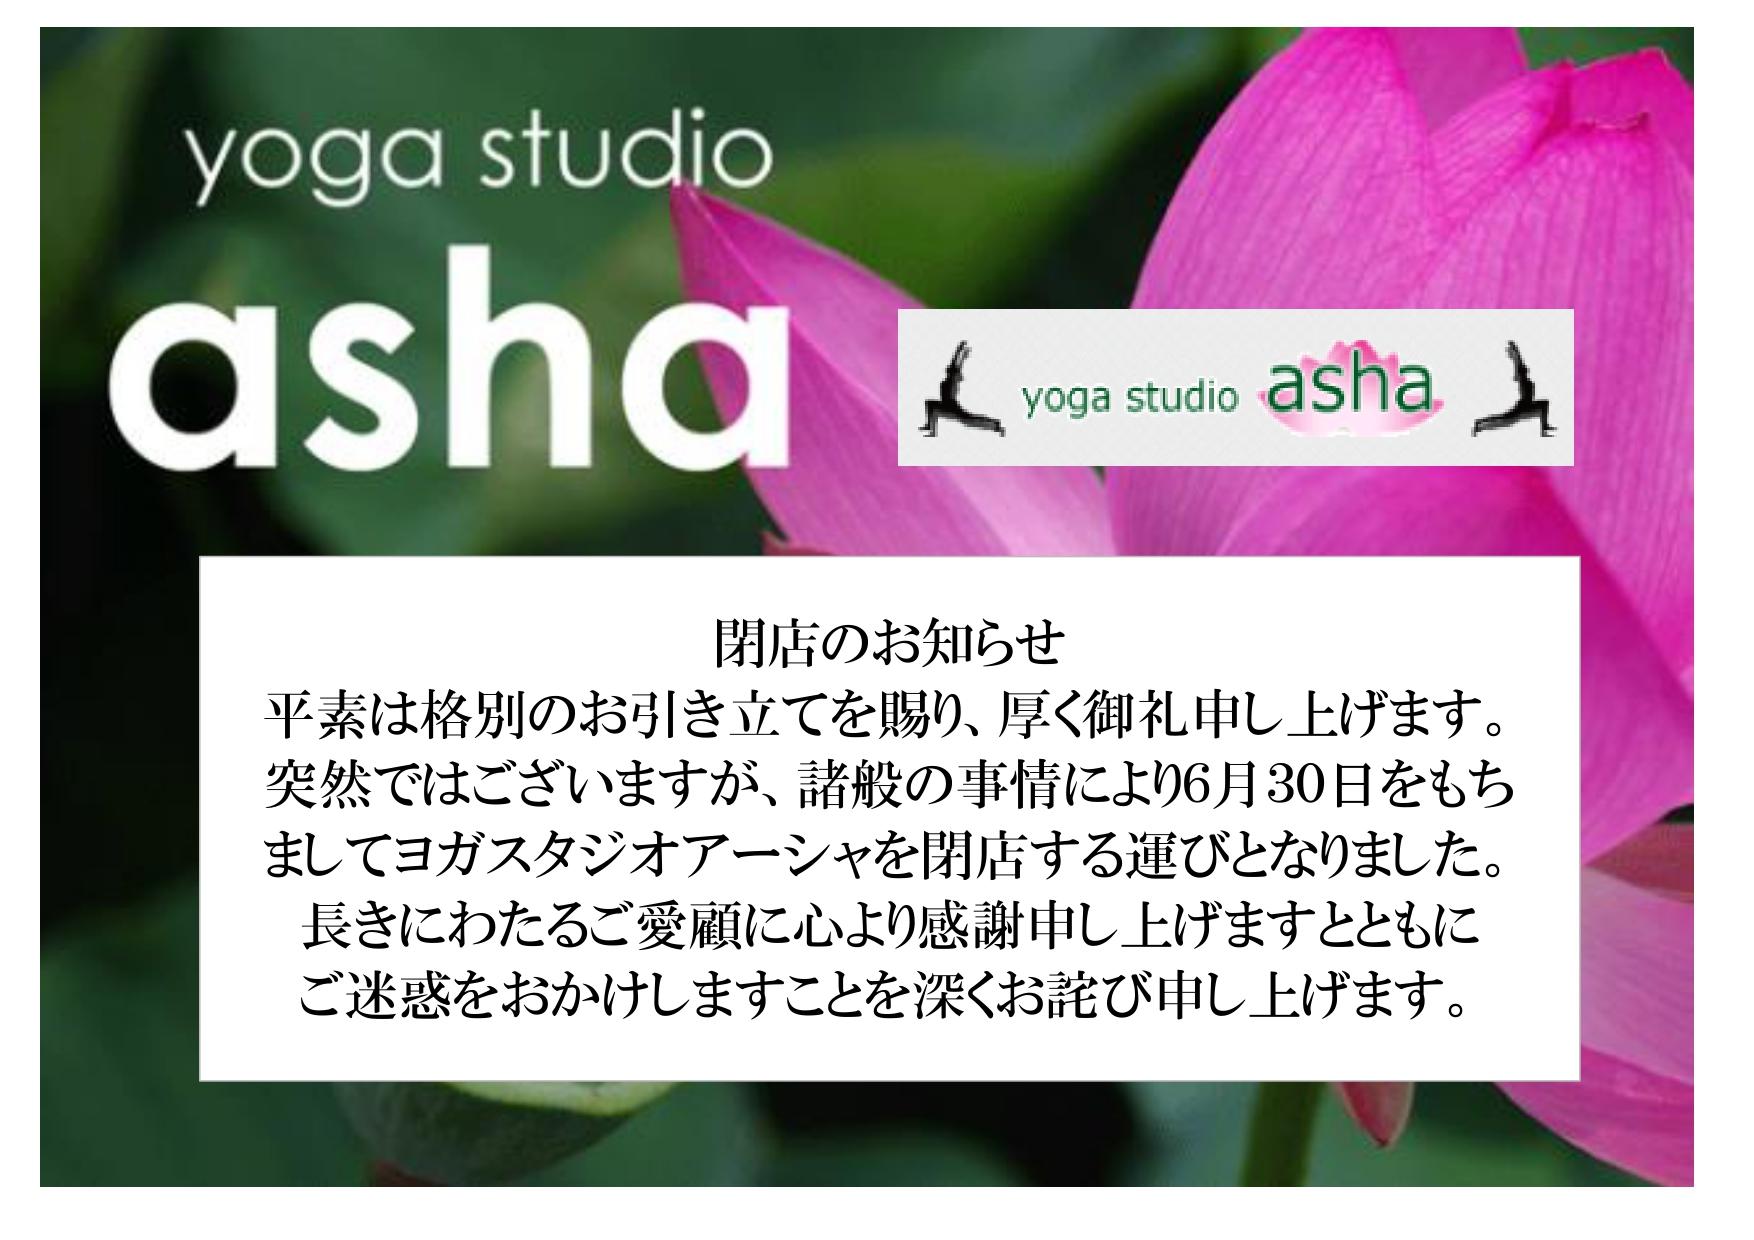 ヨガスタジオ・アーシャ閉店のお知らせ。